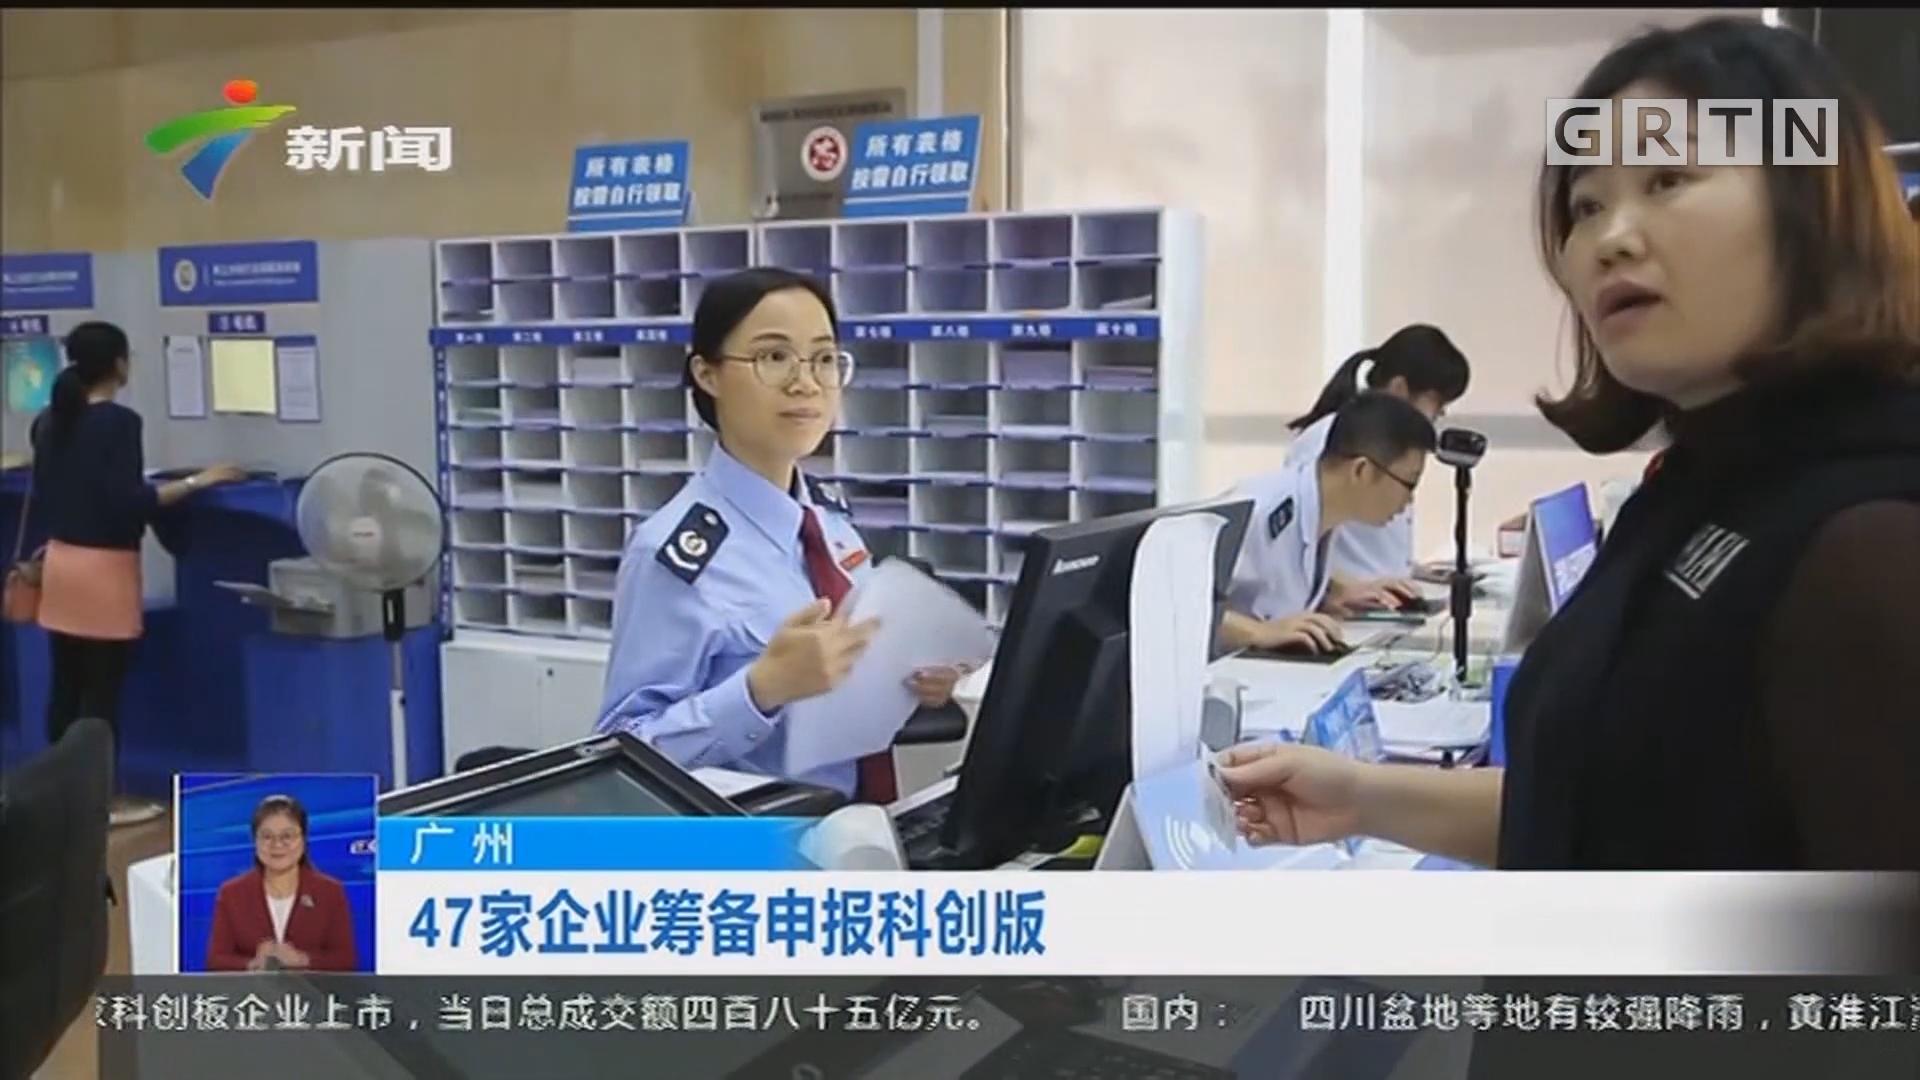 广州:47家企业筹备申报科创版